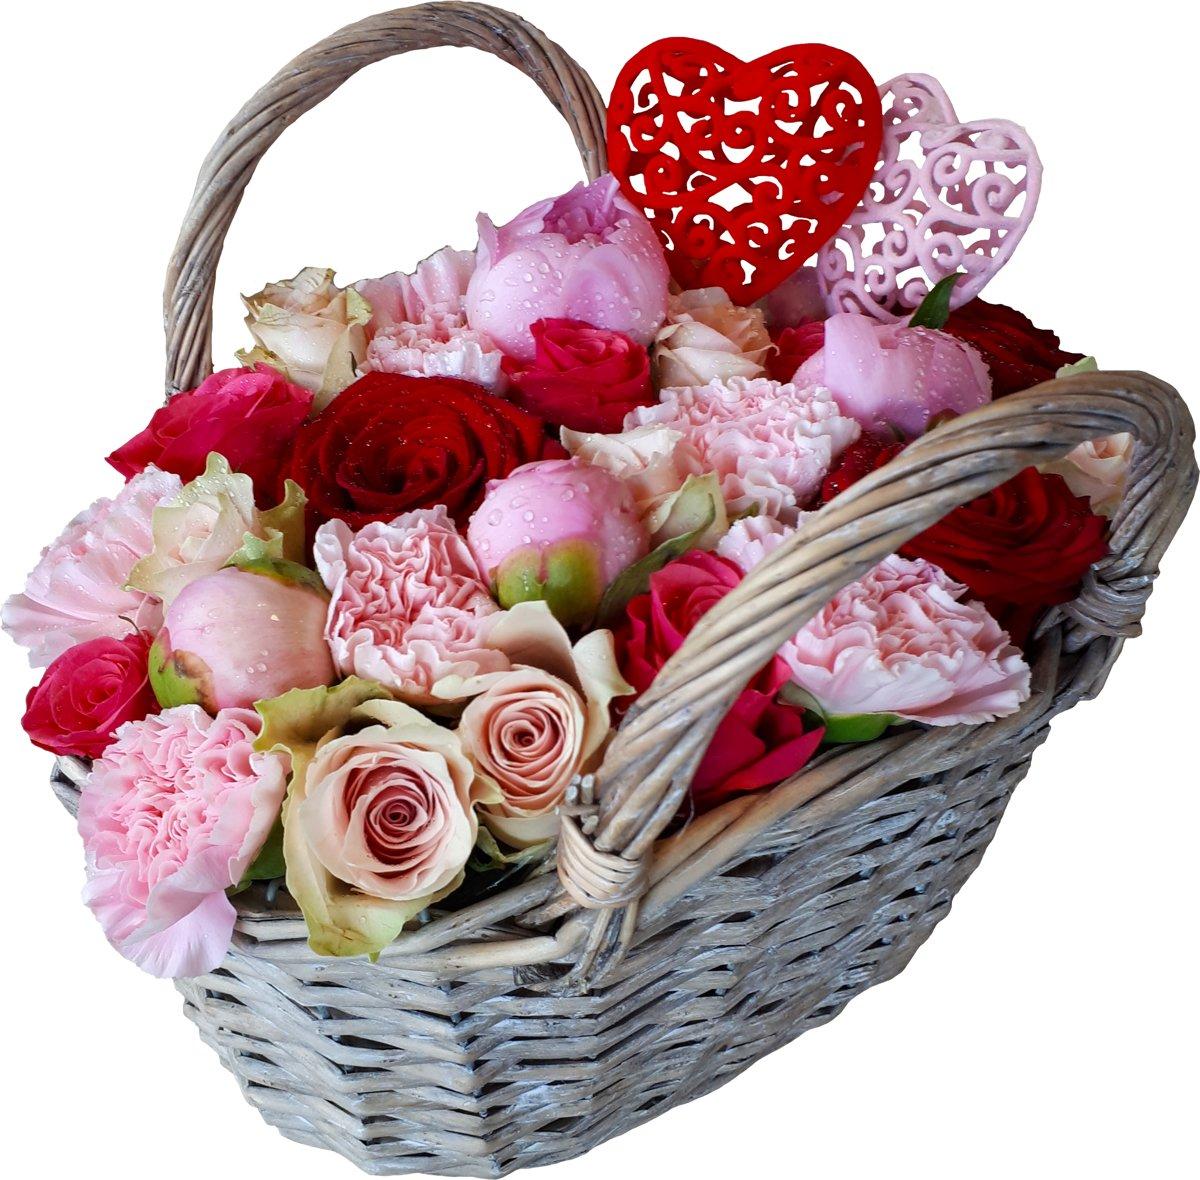 Bloemenhandtasje Met Echte Bloemen Verjaardag Moederdag Cadeau